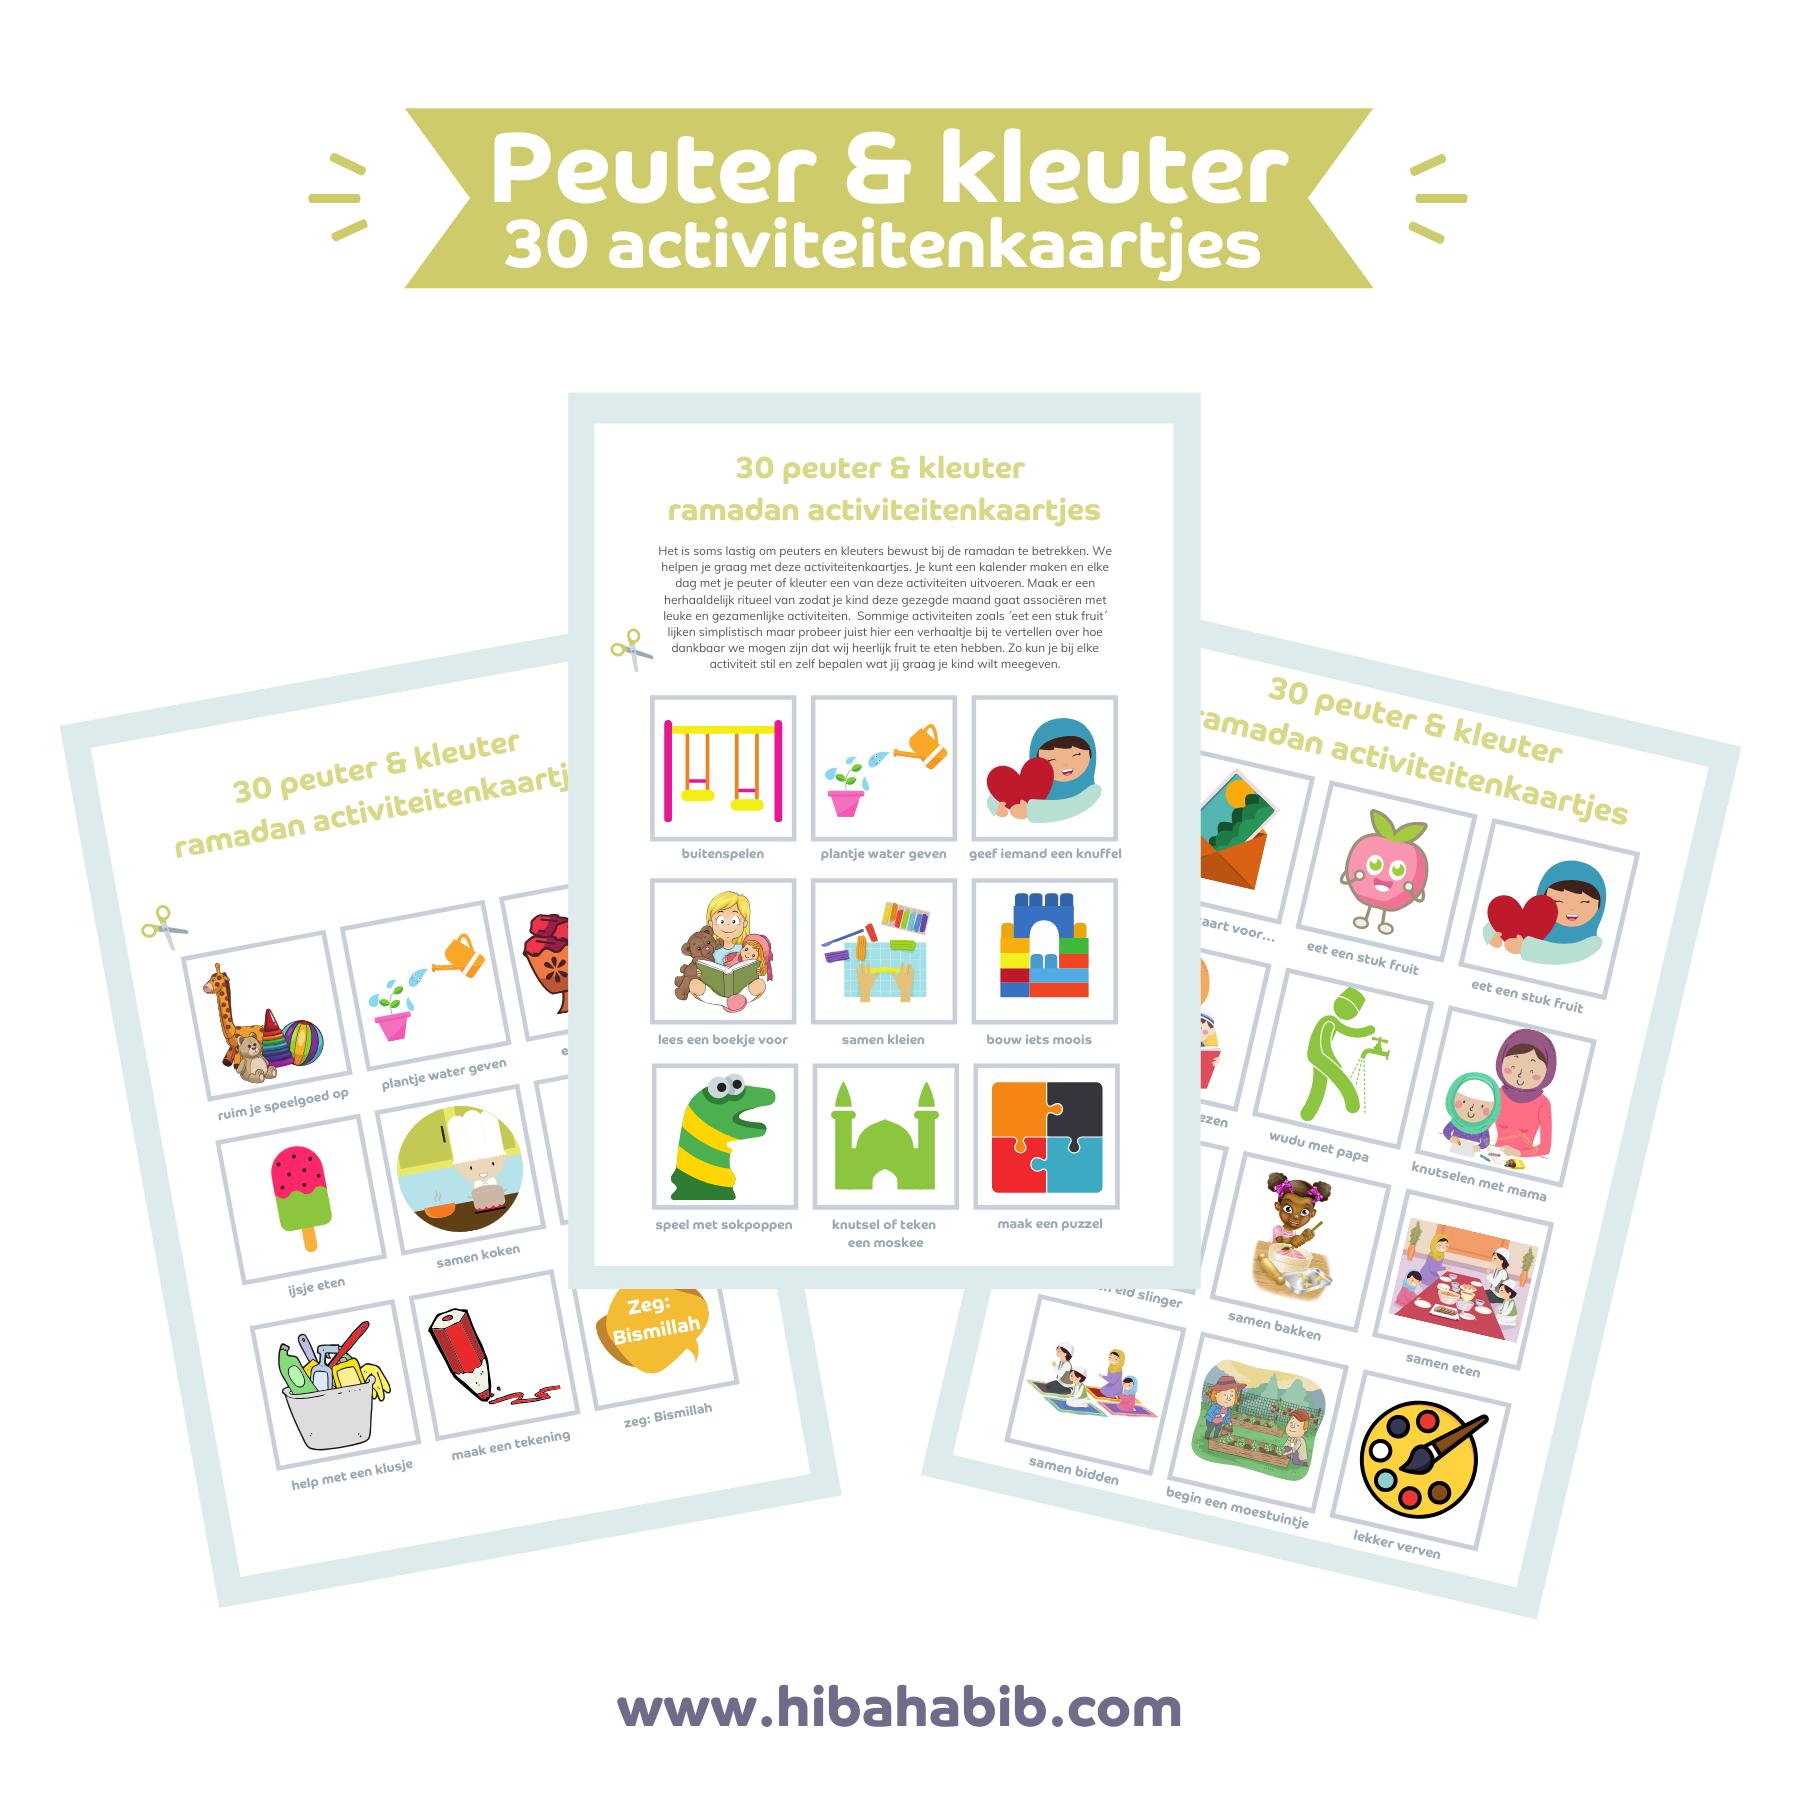 Peuter & kleuter activiteitenkaartjes (ramadan)